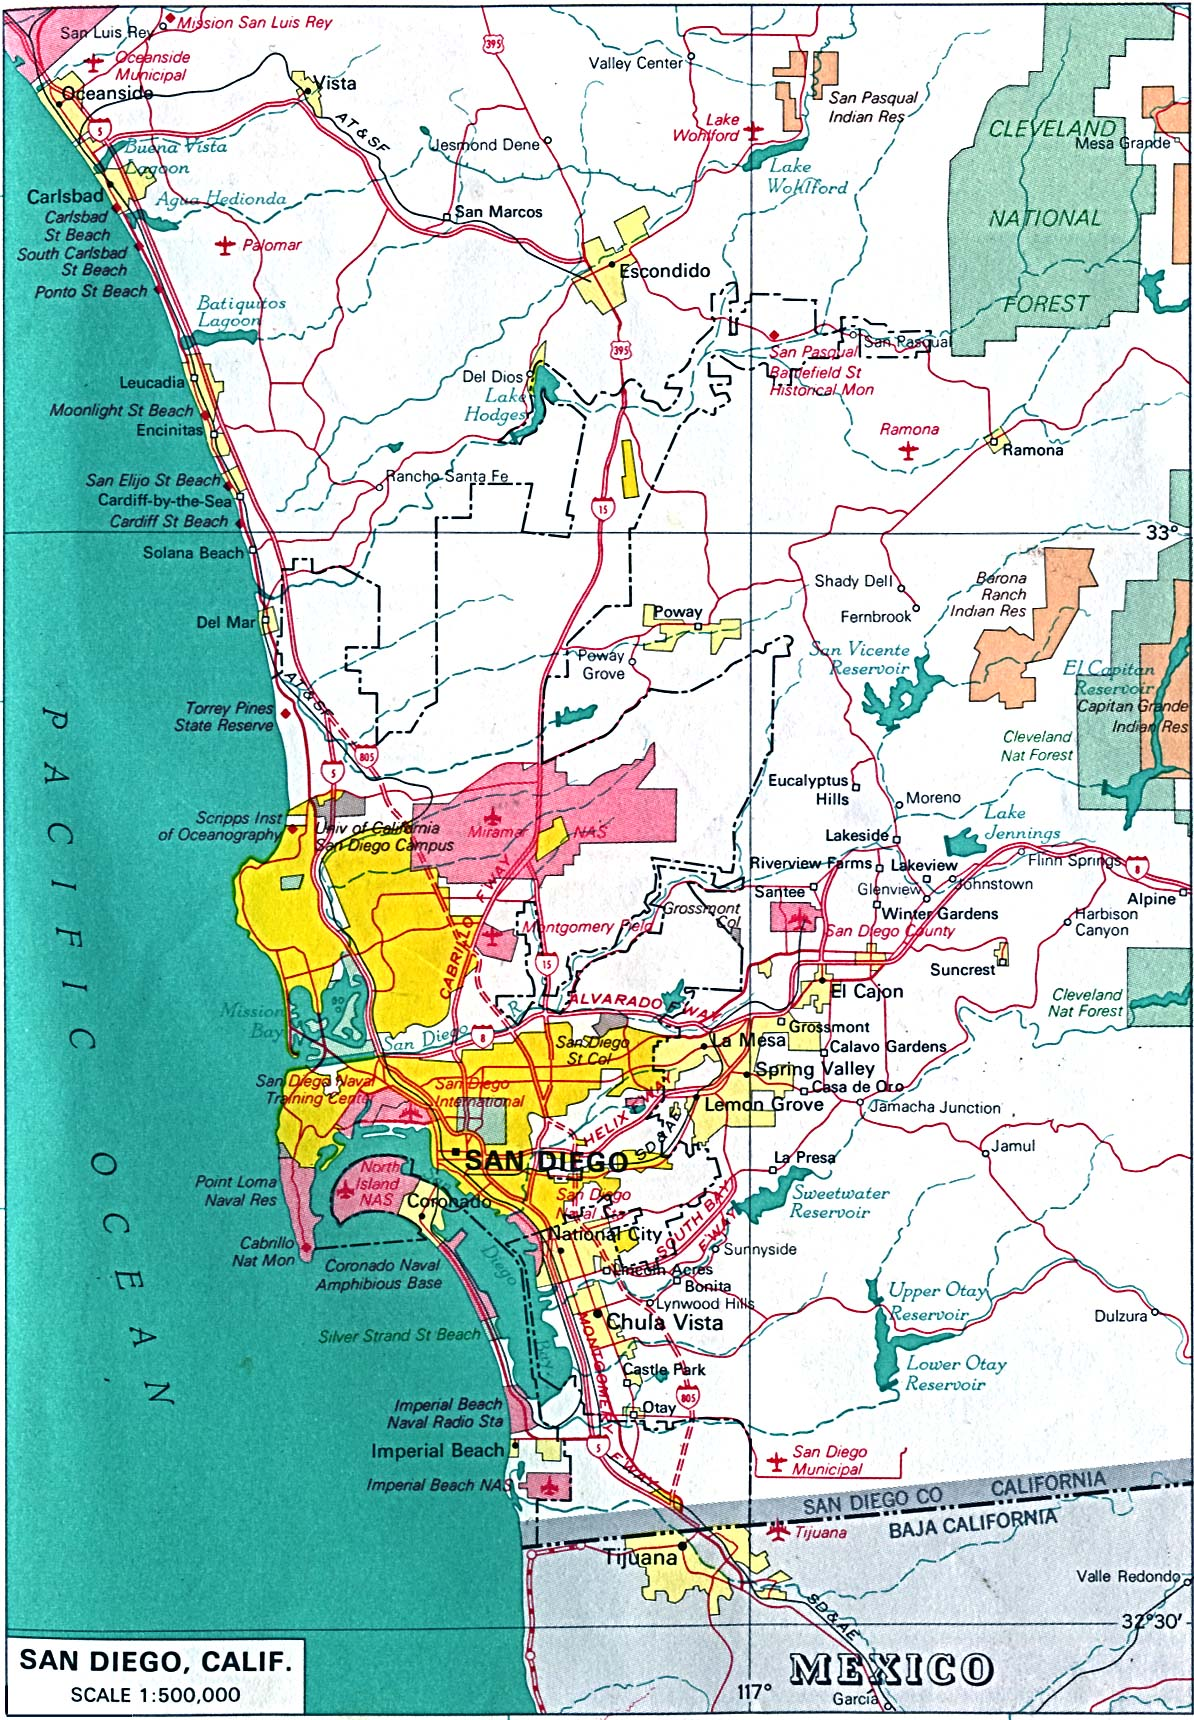 Mapa de la Ciudad de San Diego, California, Estados Unidos